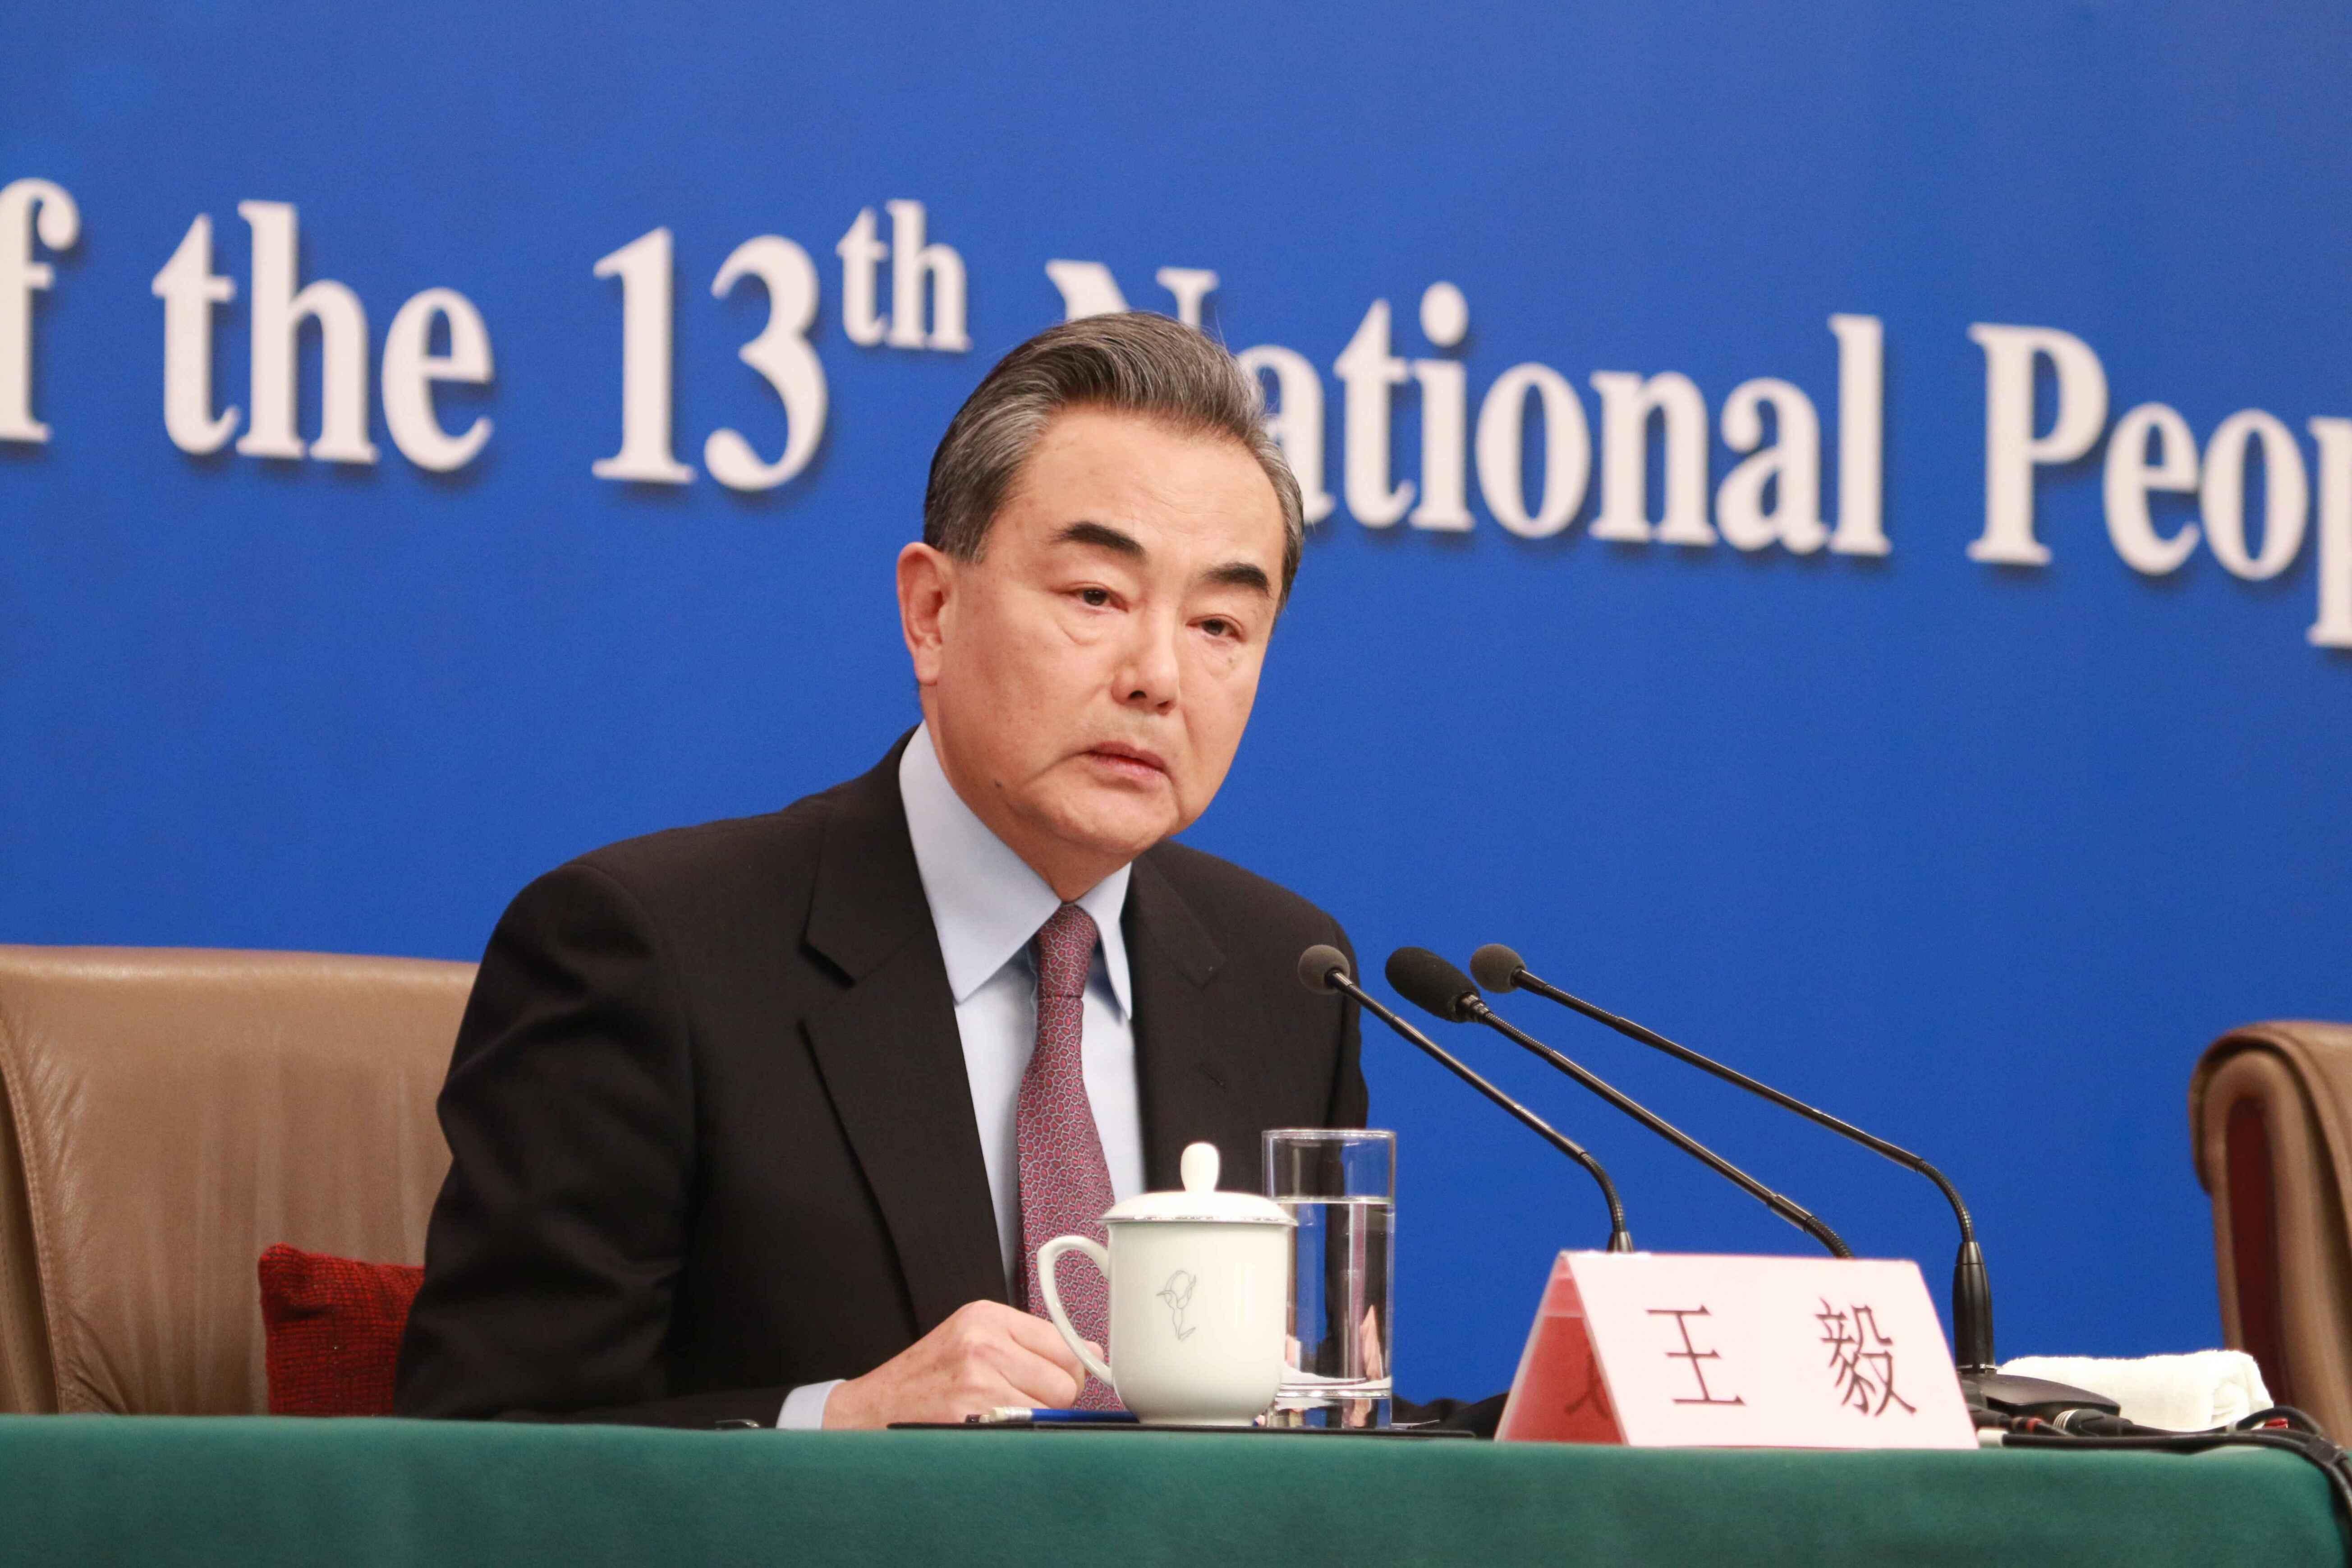 王毅回应印巴冲突:两国是搬不走的邻居,我们希望双方和睦相处